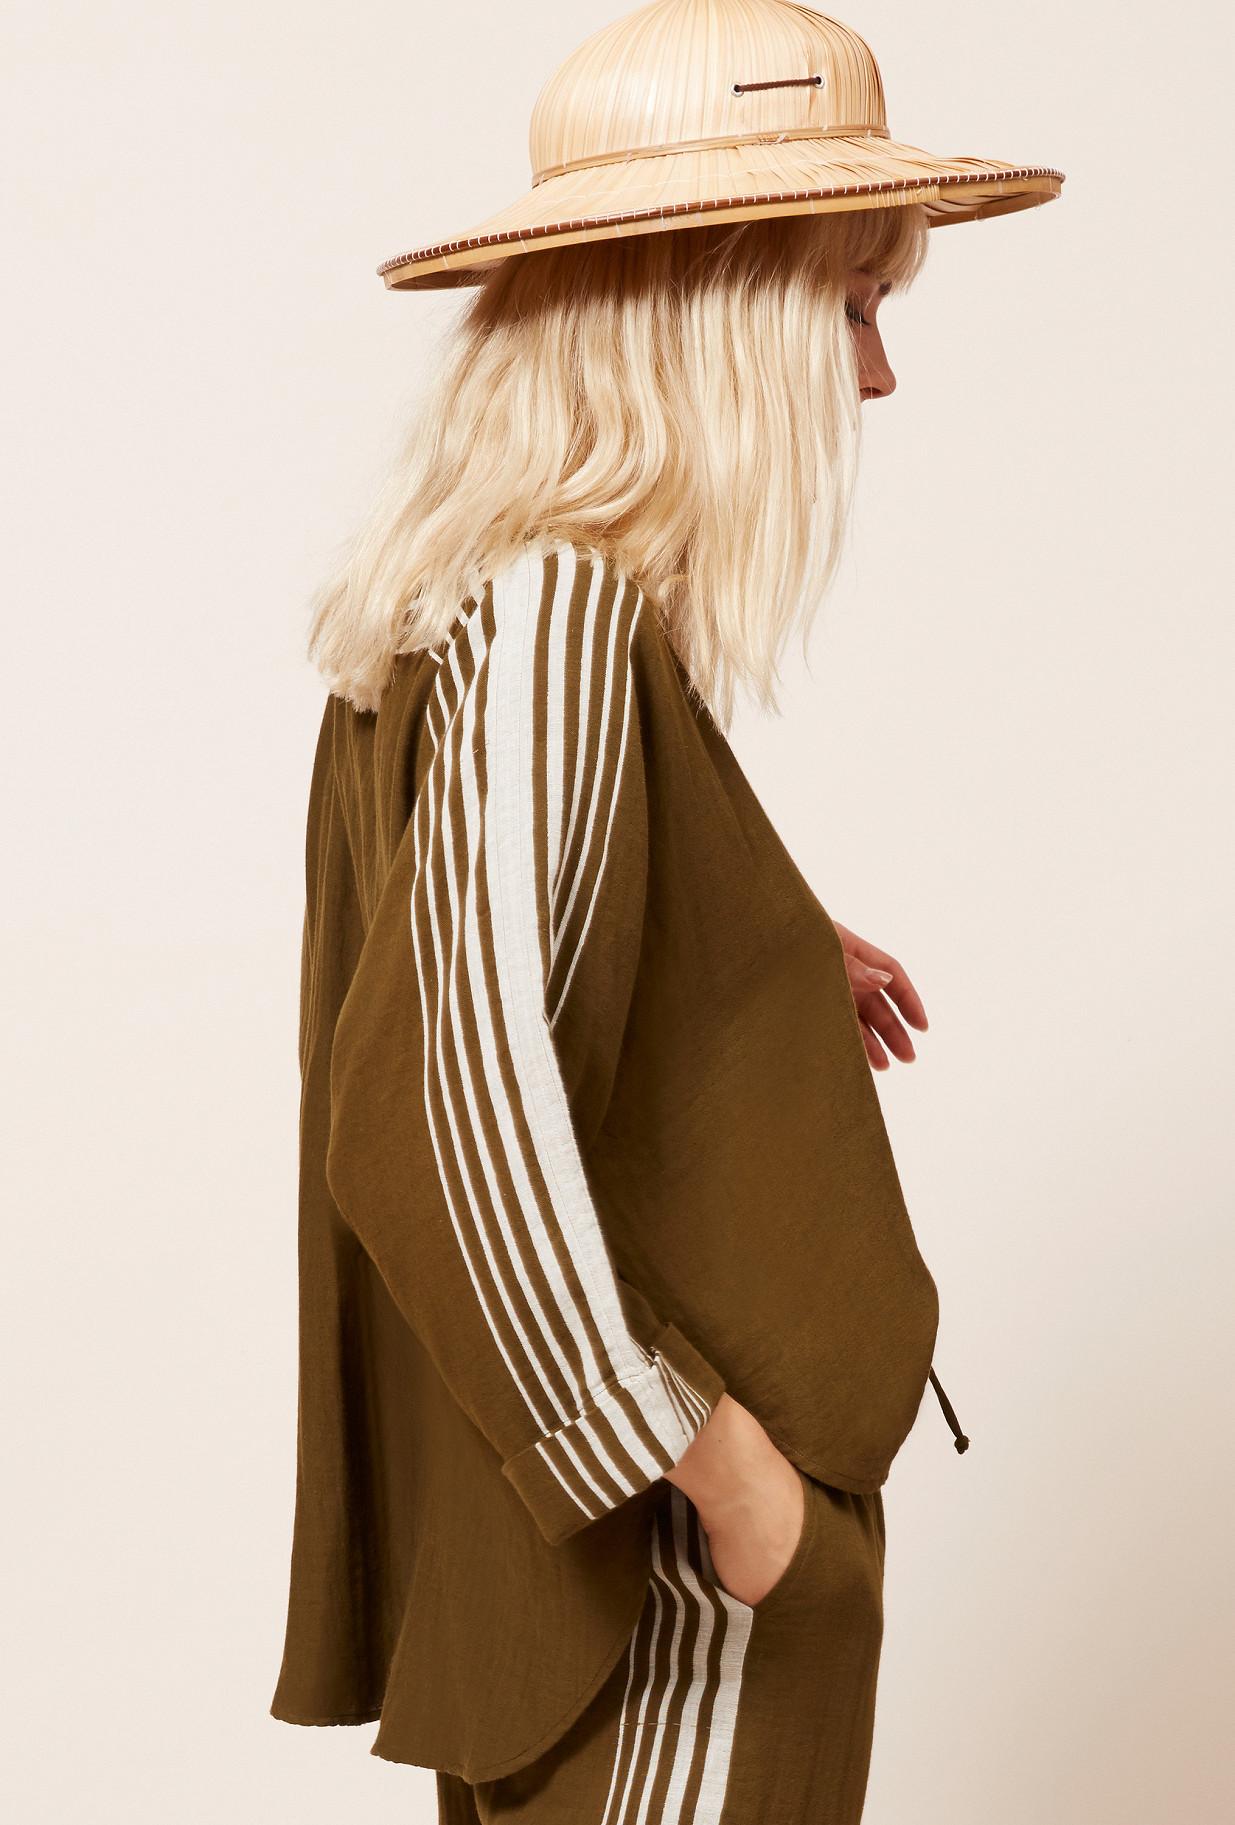 Paris clothes store Blouse Avantstella french designer fashion Paris